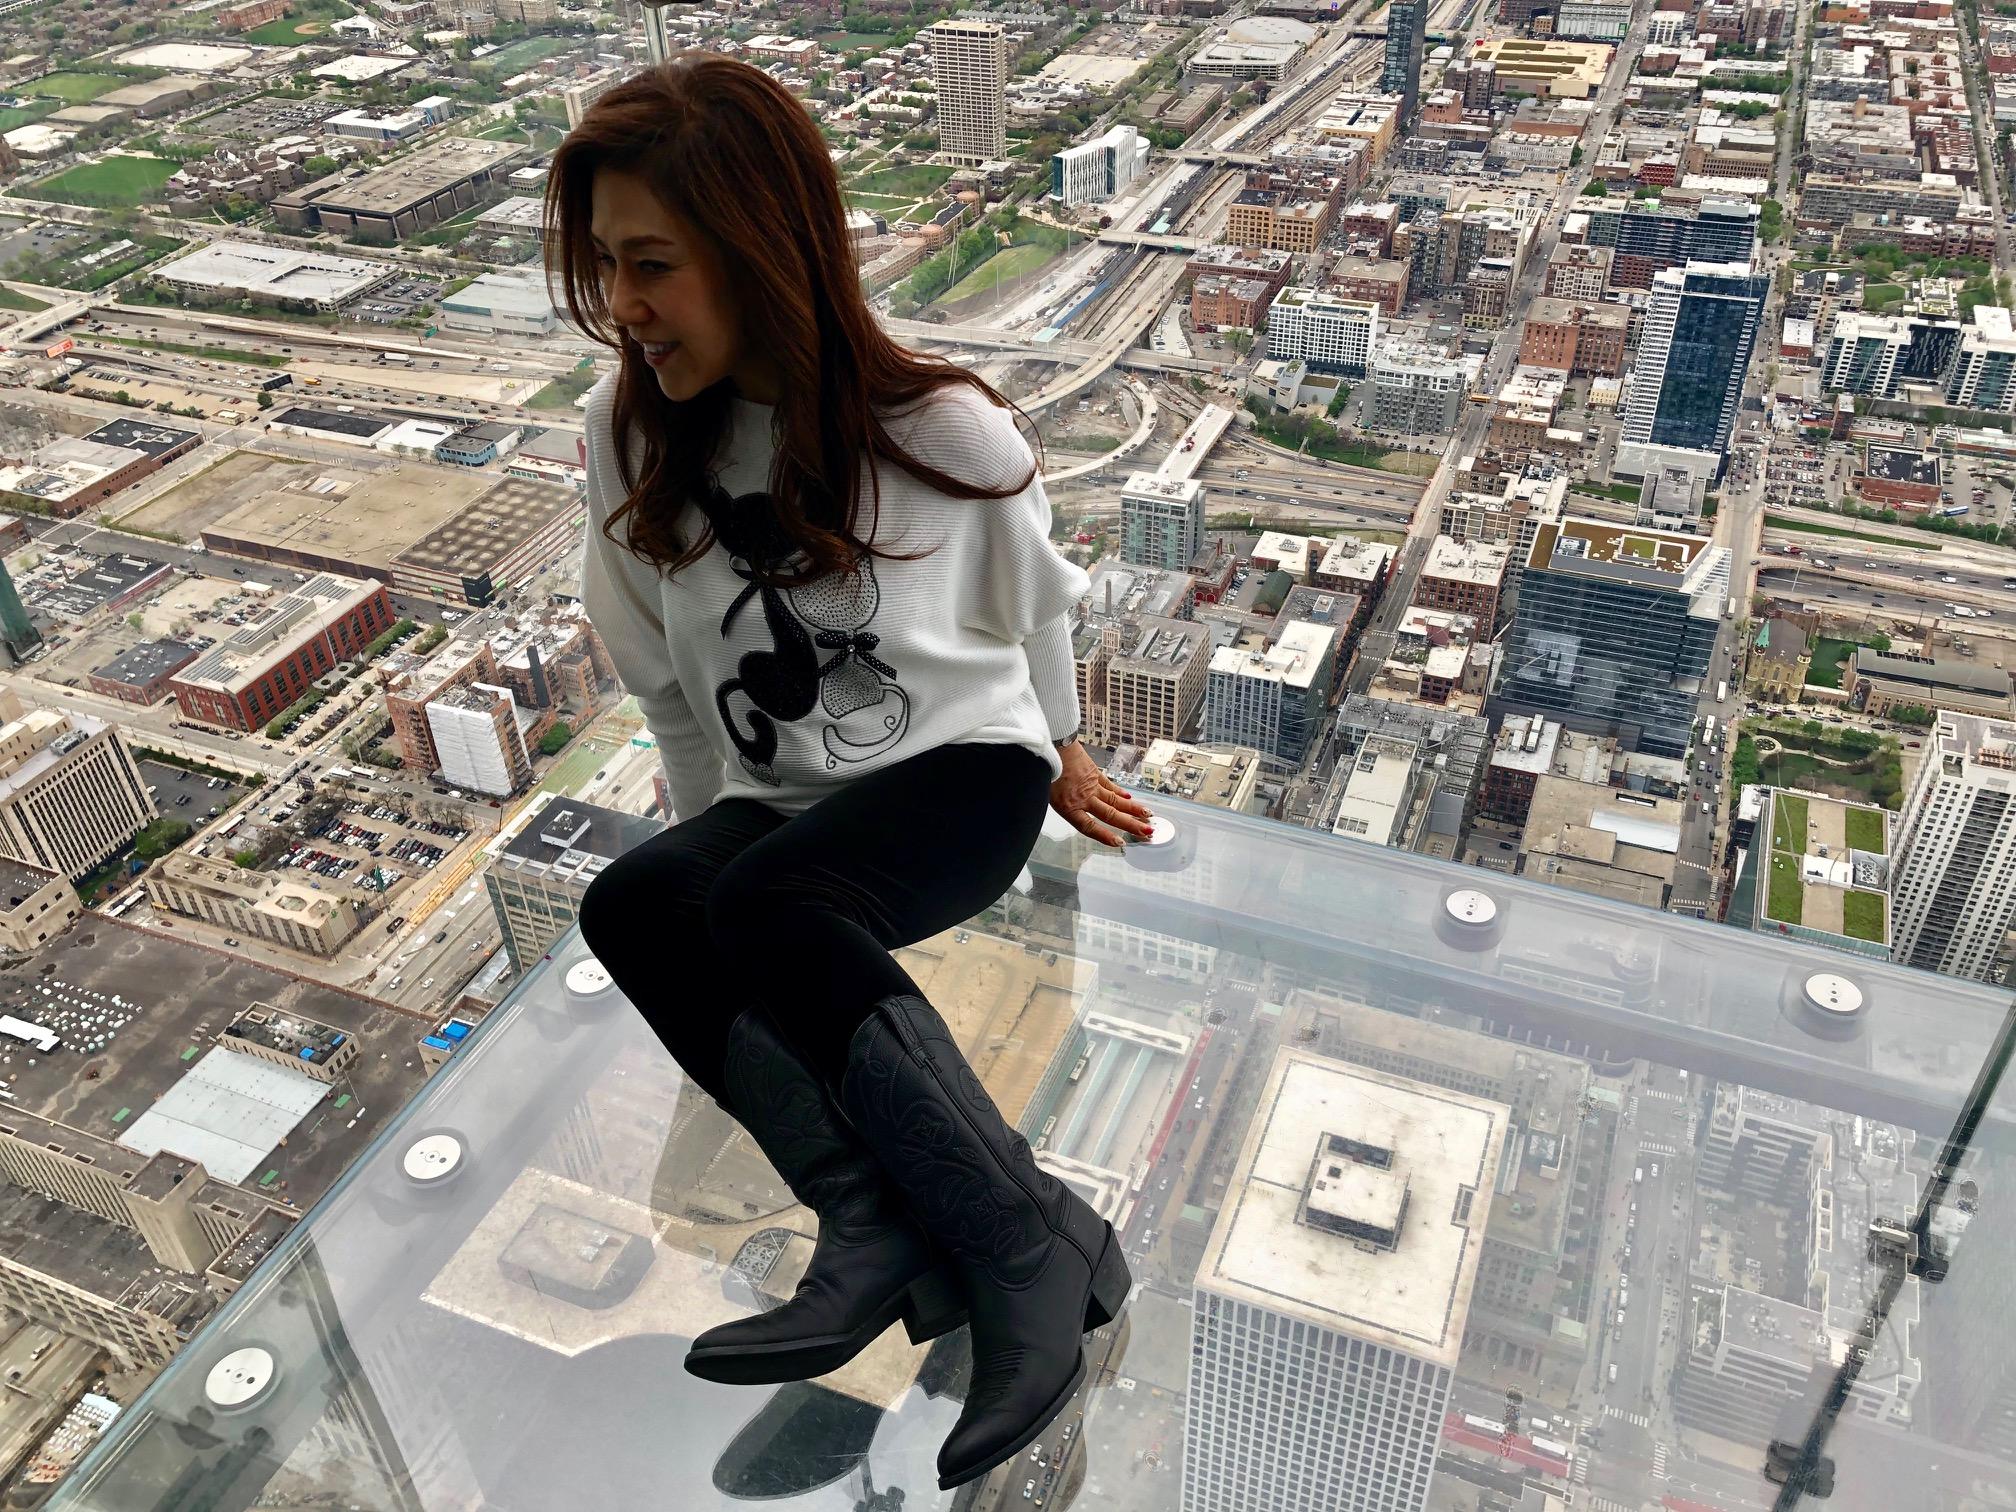 シカゴ観光で必見&必撮のアートスポットを巡る